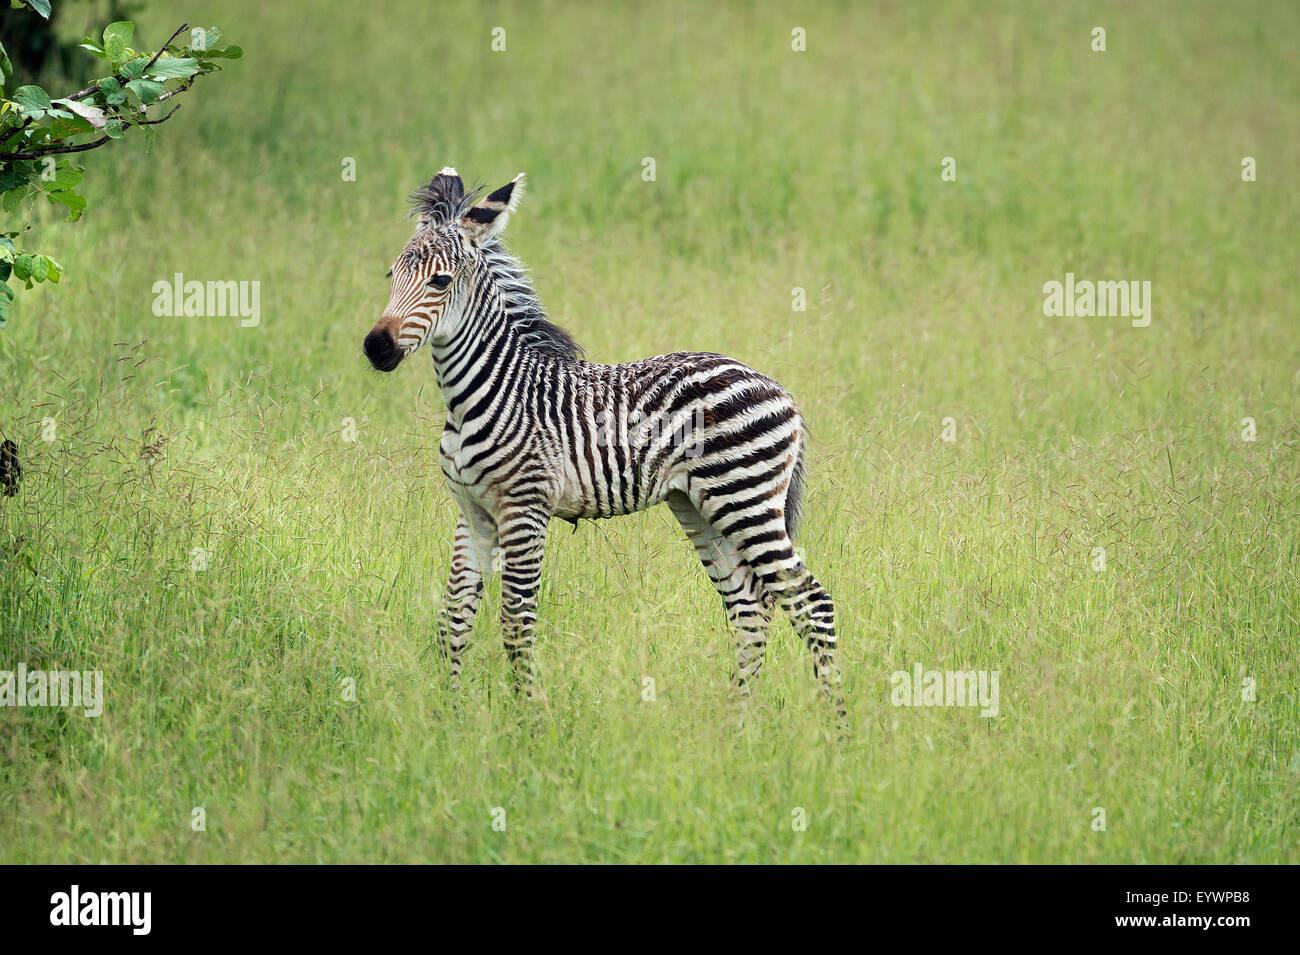 Crawshays zebra foal (Equus quagga crawshayi), le parc national de South Luangwa, en Zambie, l'Afrique Banque D'Images